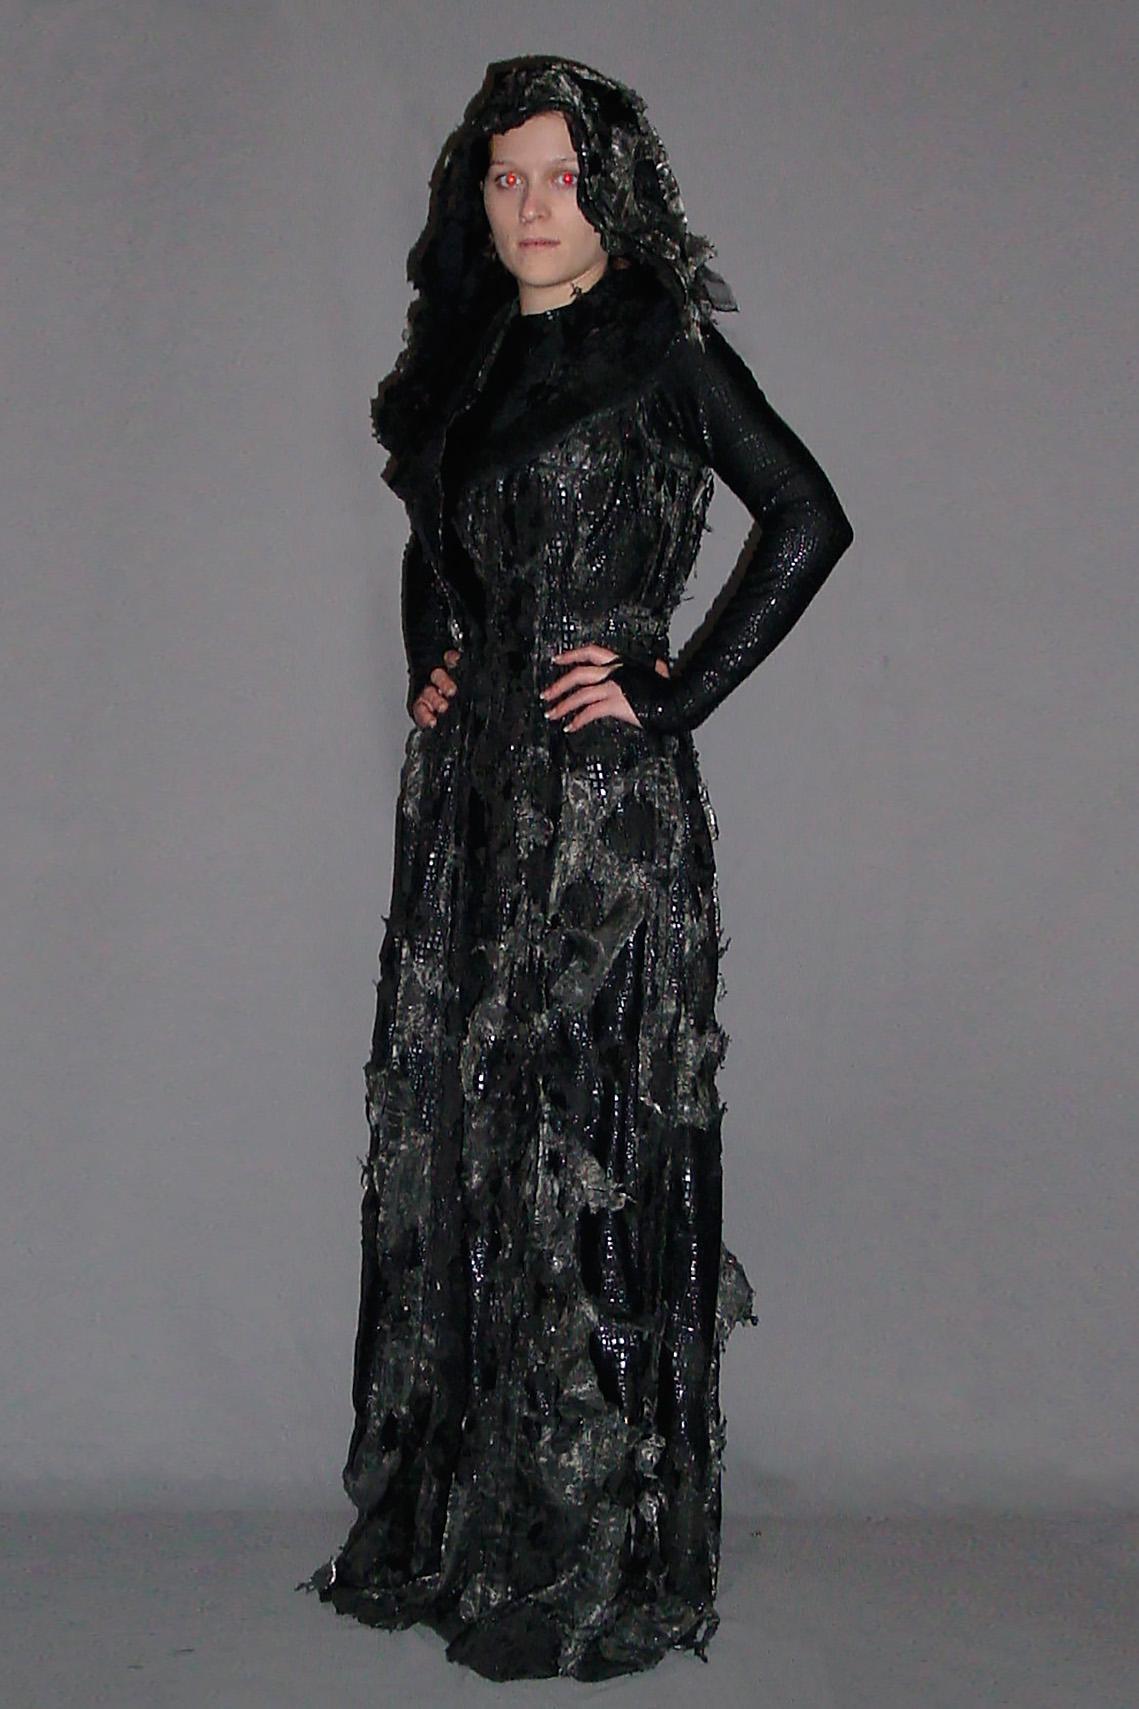 The Chronicles of Riddick - Female Necromonger Convert Costume